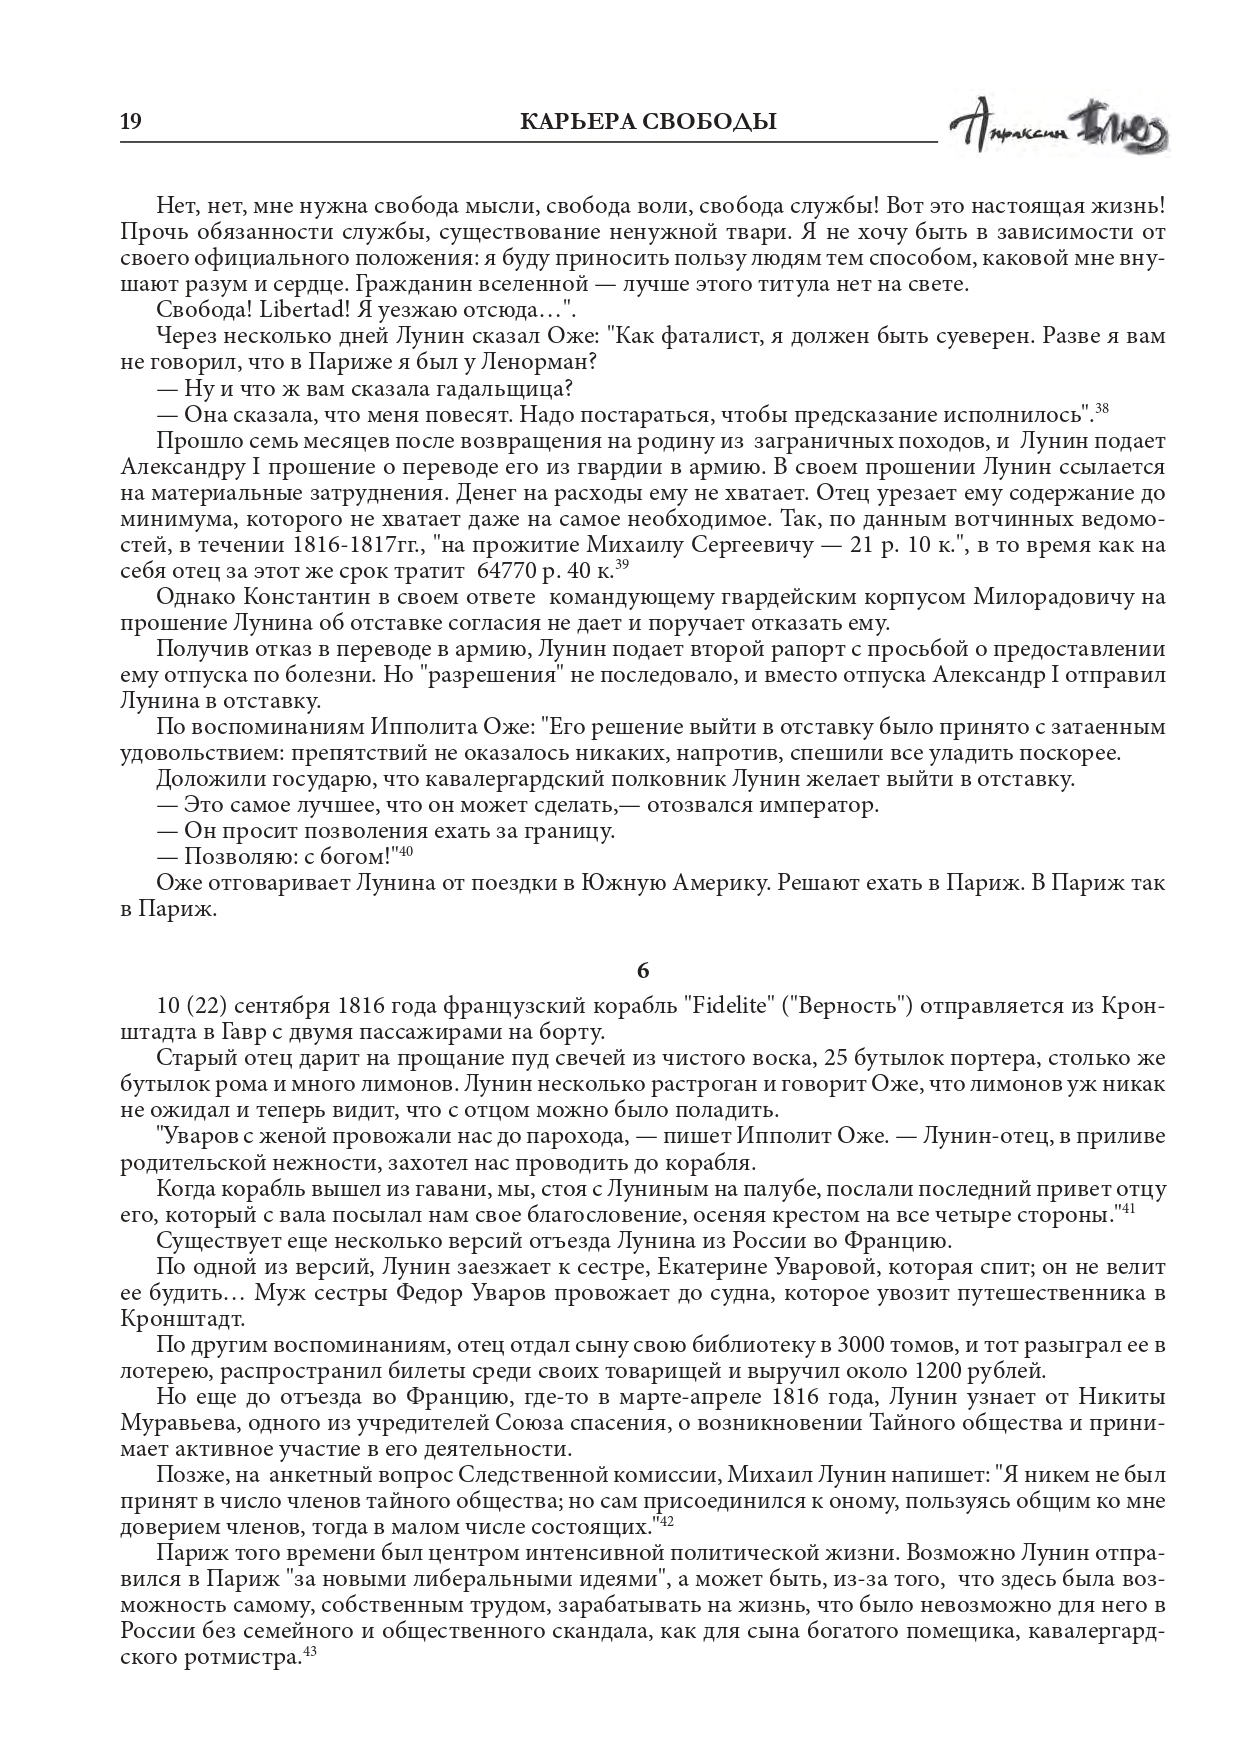 http://forumstatic.ru/files/001a/7d/26/18408.jpg